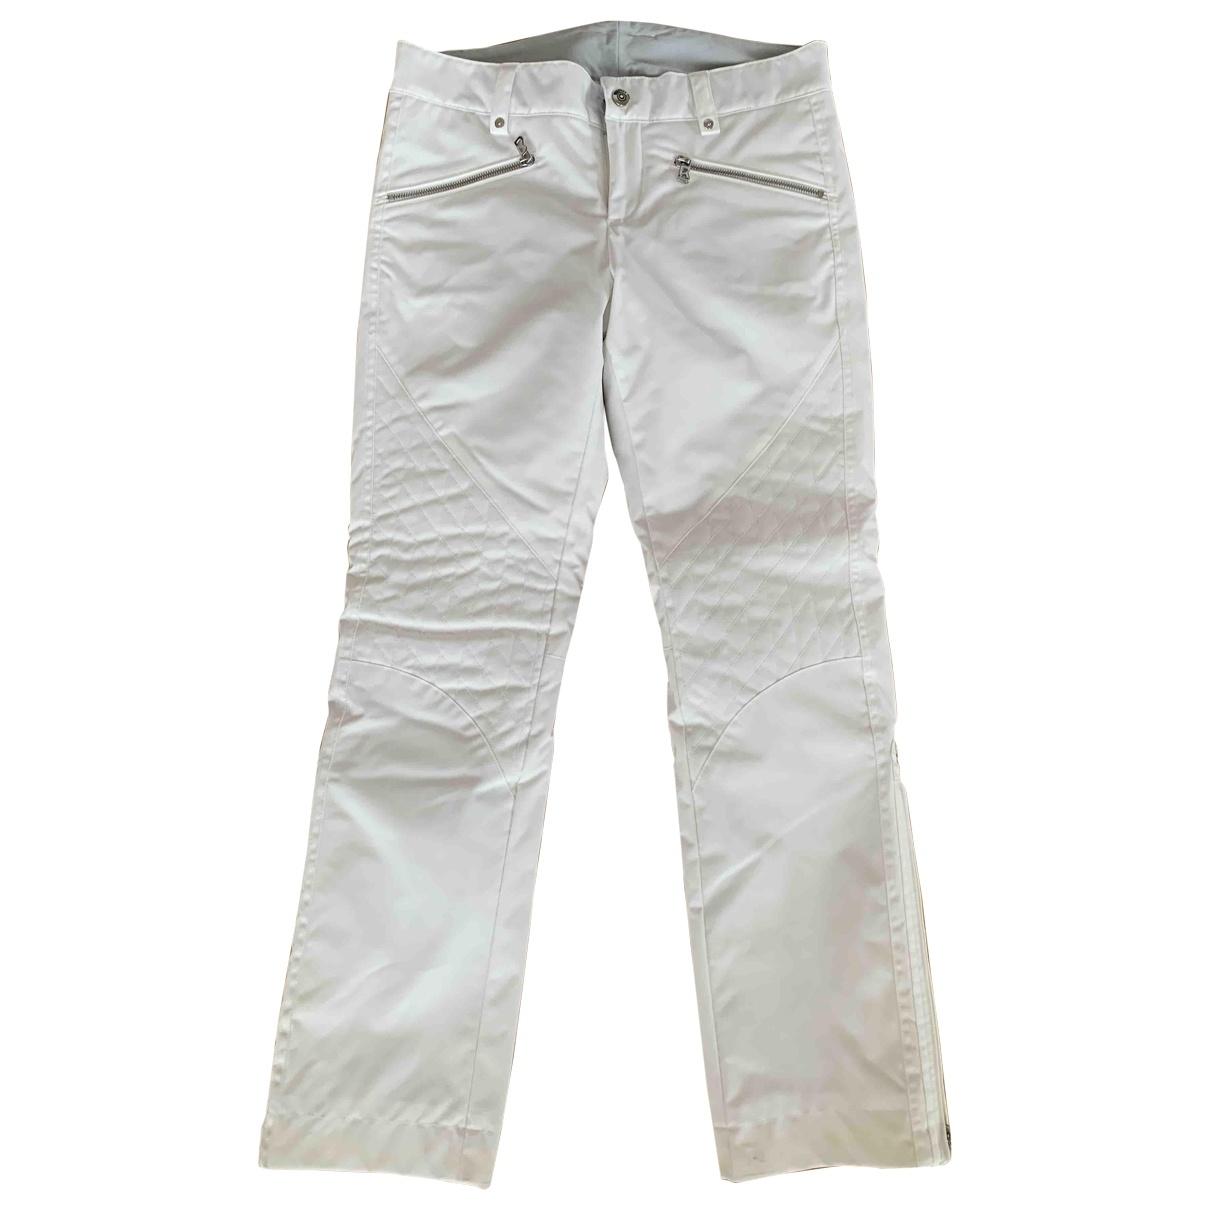 Bogner \N White Trousers for Women S International